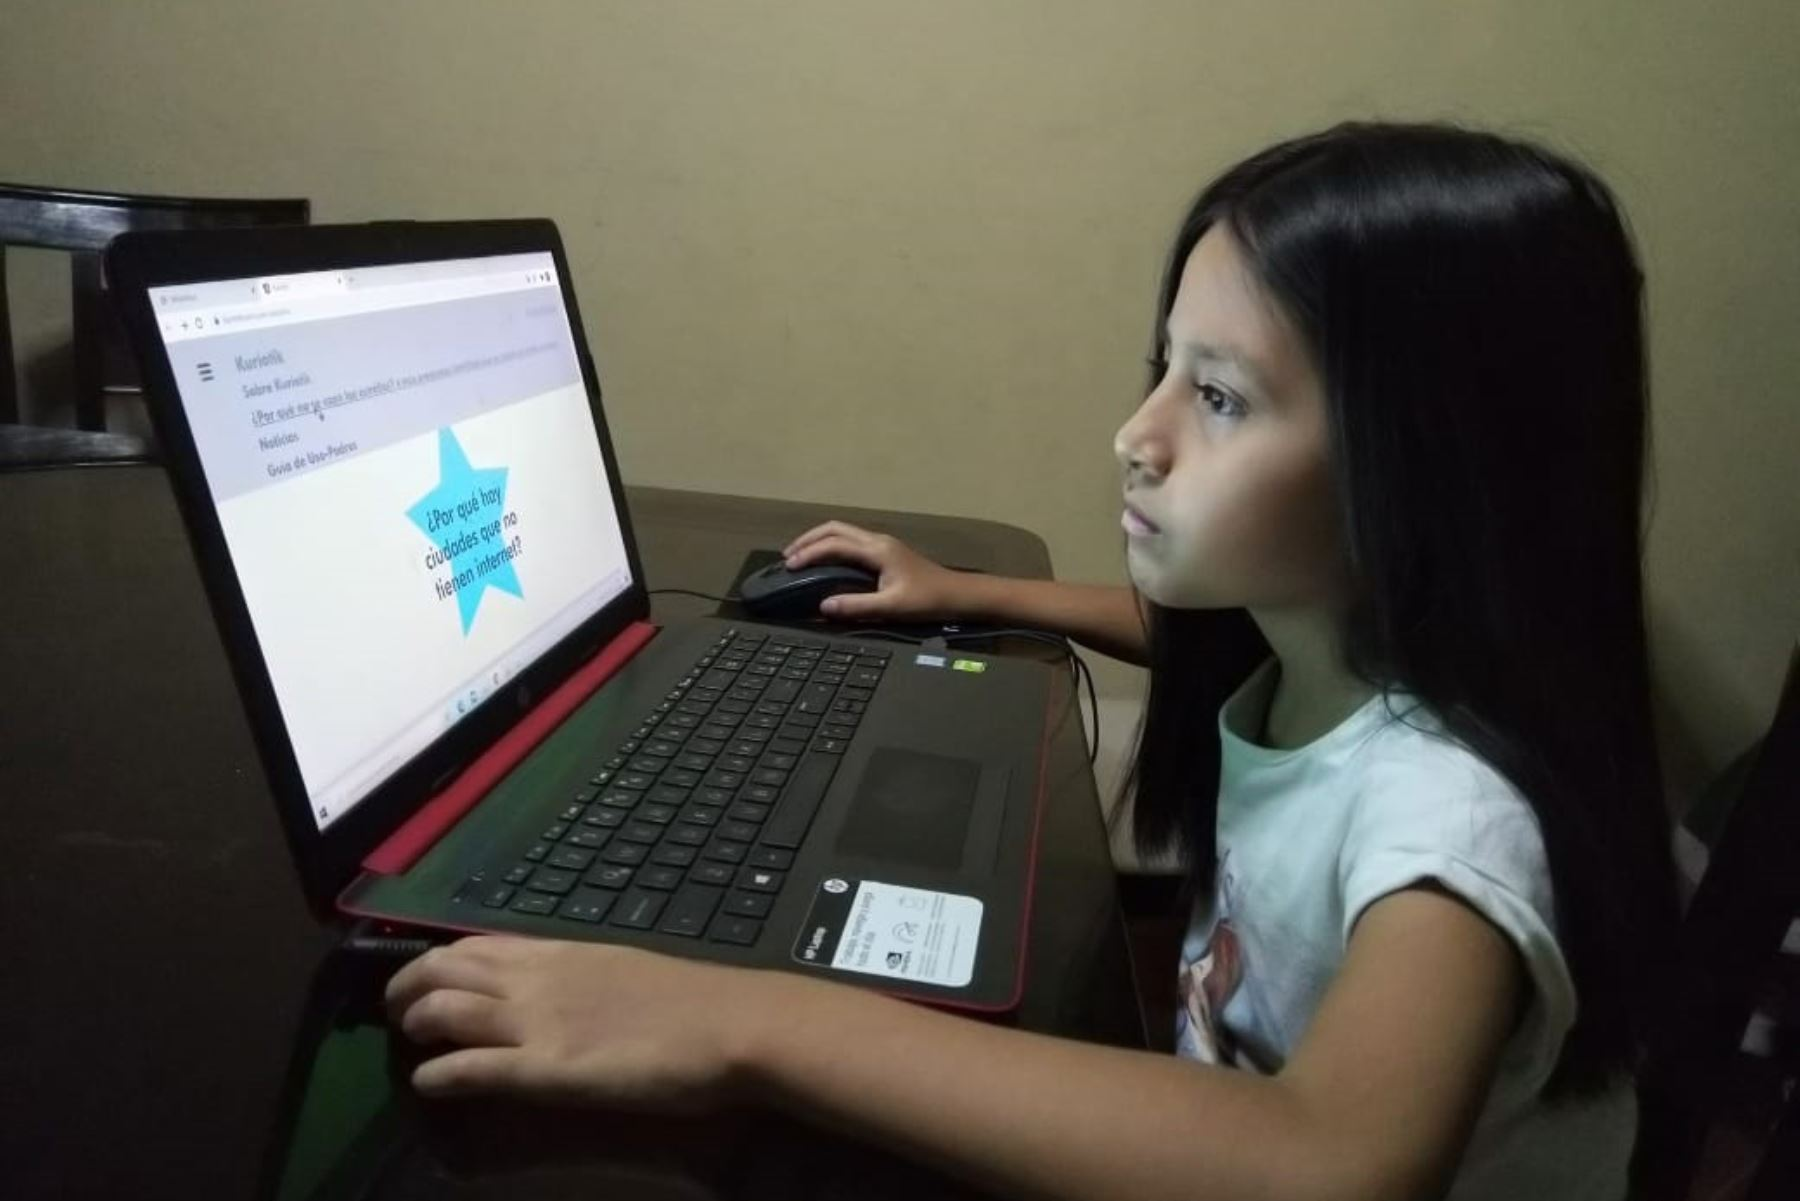 La plataforma Kuriotik está dirigida a niñas de 8 a 12 años y les permitirá resolver sus más curiosas inquietudes.